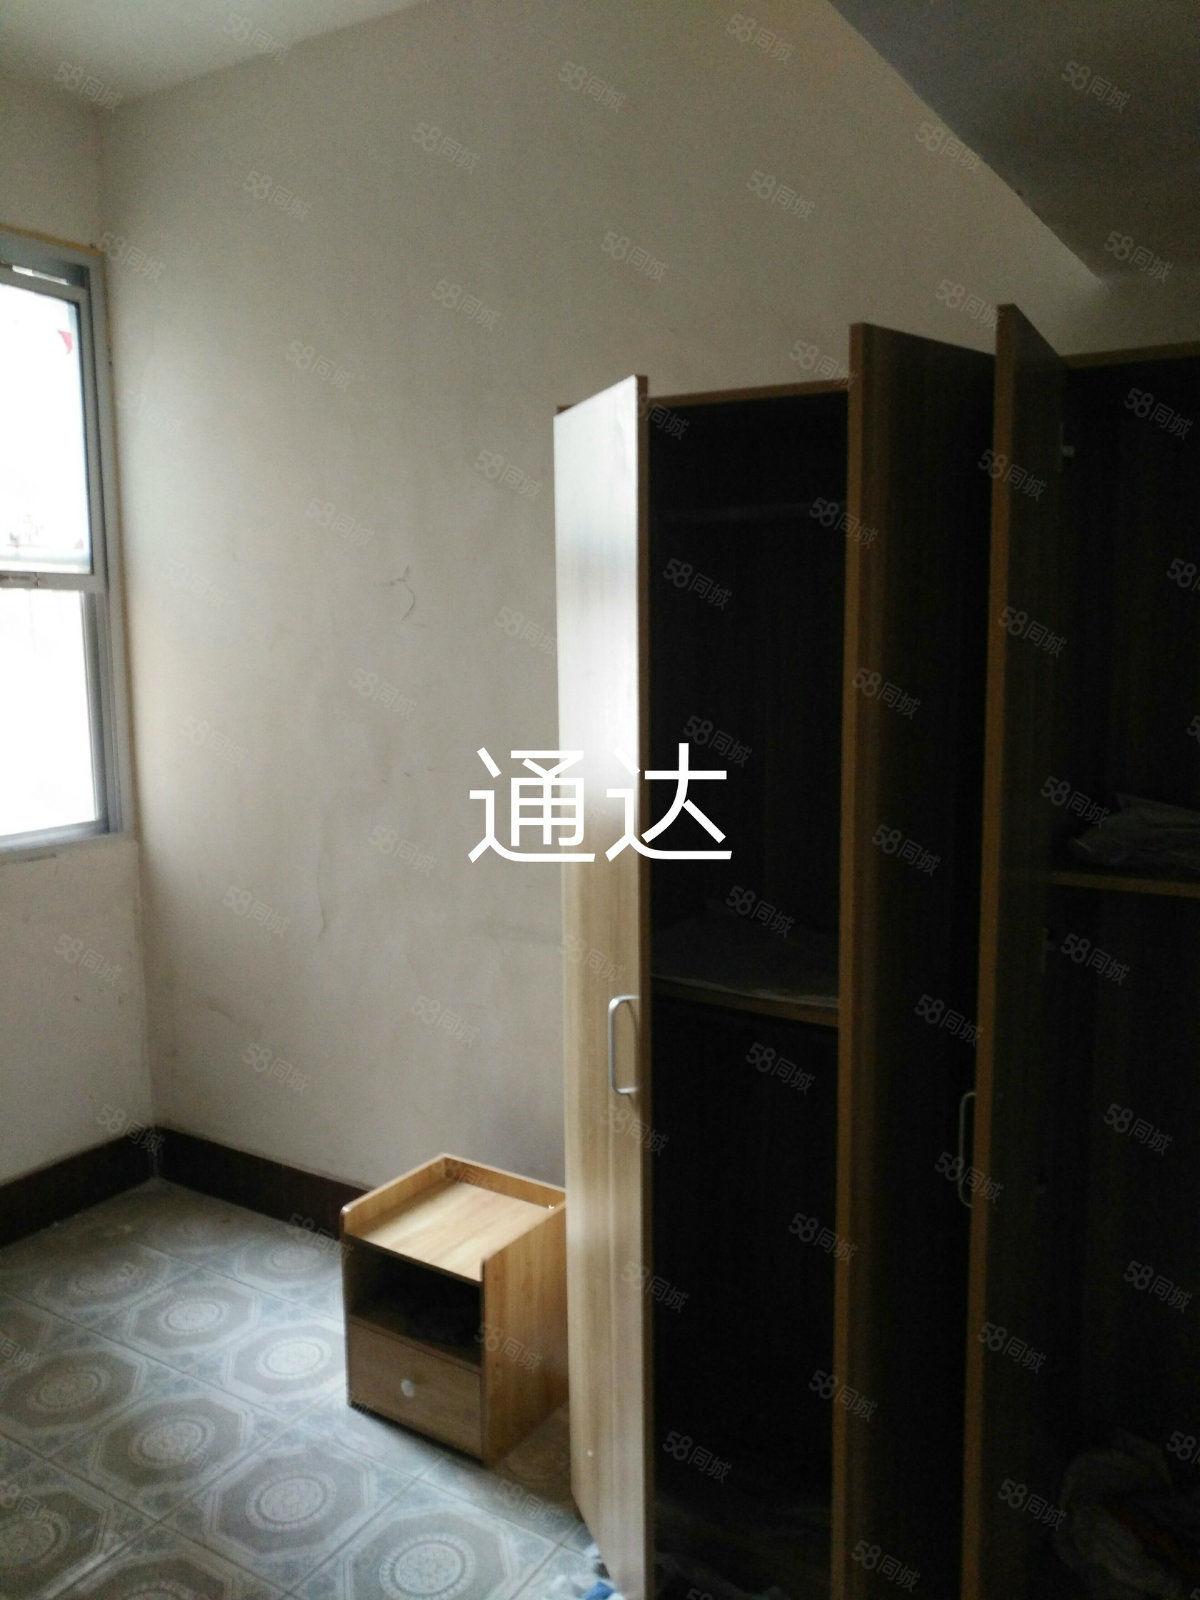 剧院附近套房2室1厅有空调热水器洗衣机床家具,66平米